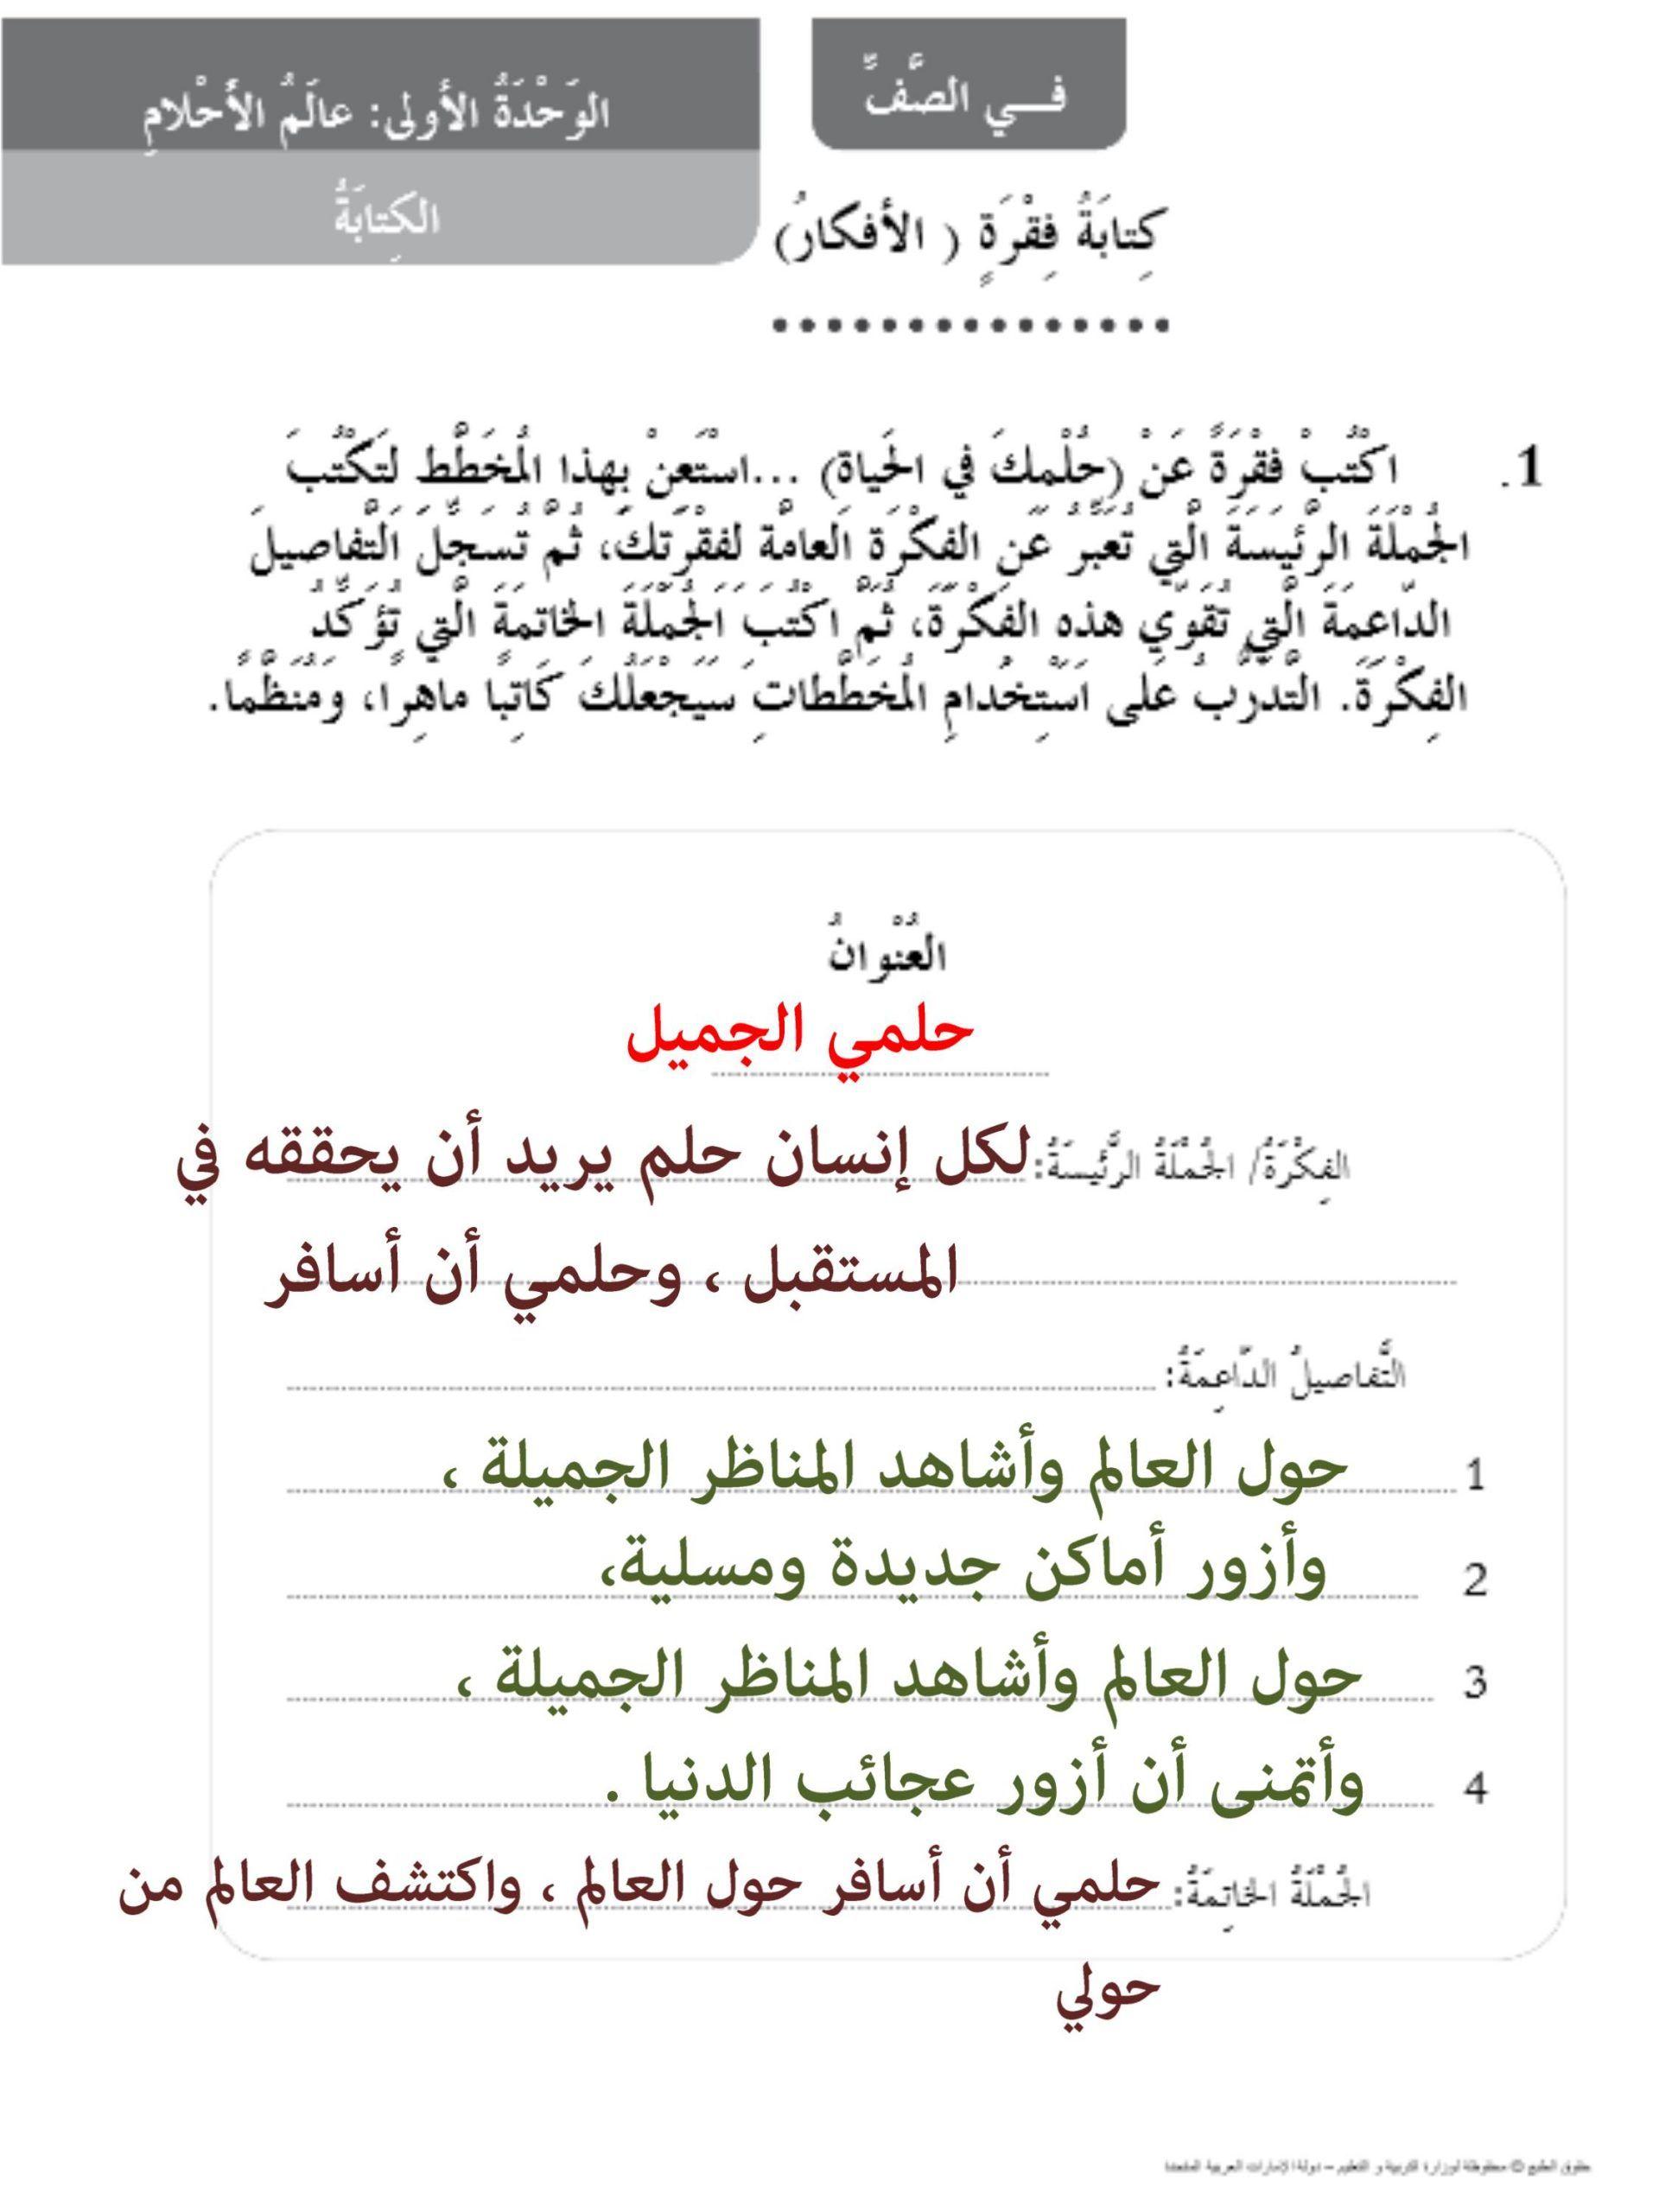 وحدة عالم الاحلام الكتابة مع الاجابات للصف الثالث مادة اللغة العربية Arabic Kids Journal Bullet Journal